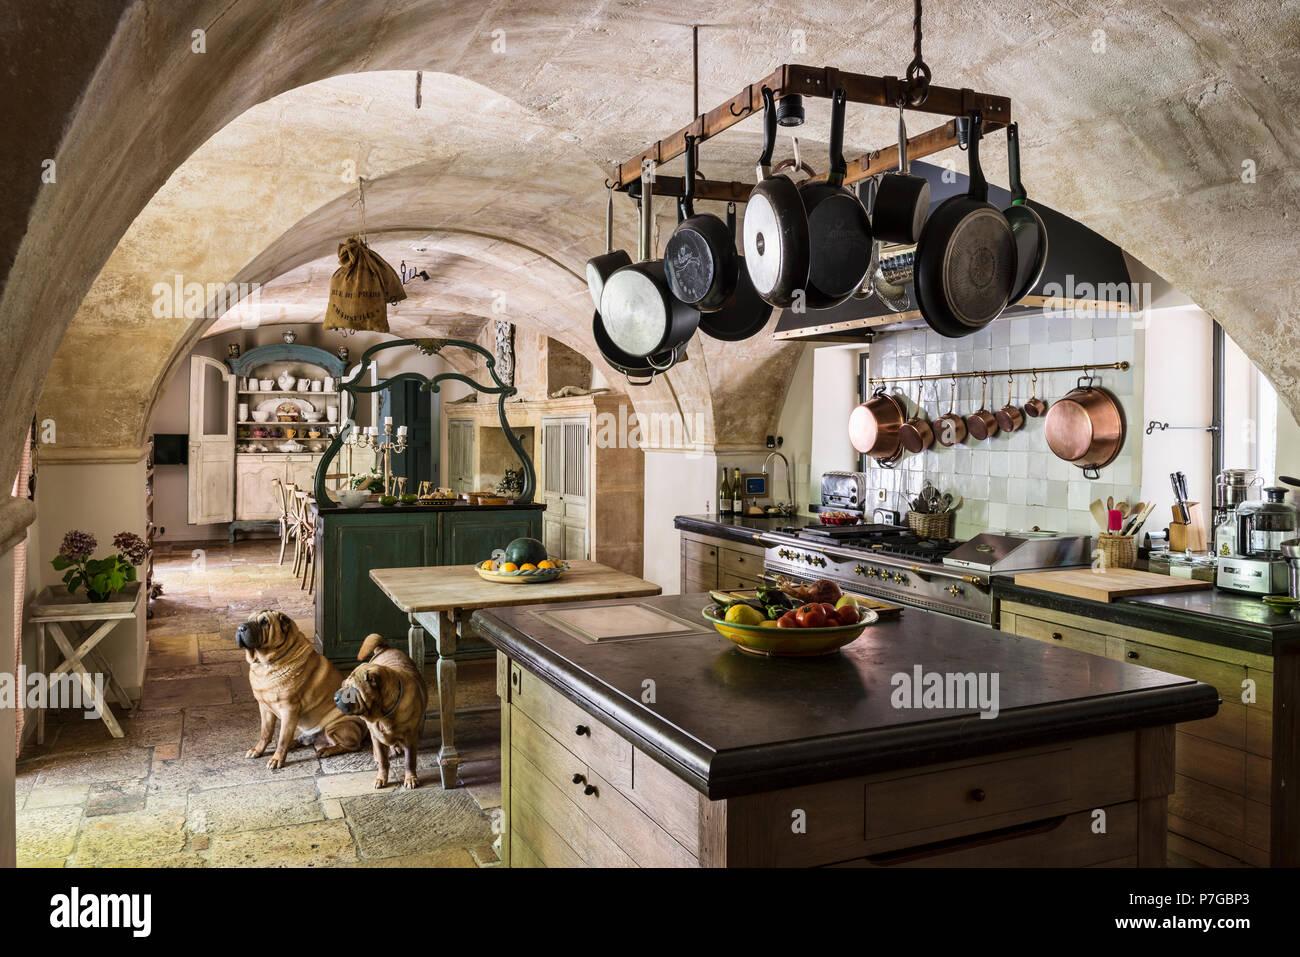 Verschiedene Pfannen hängen an Rack über Küche Insel im 18 ...